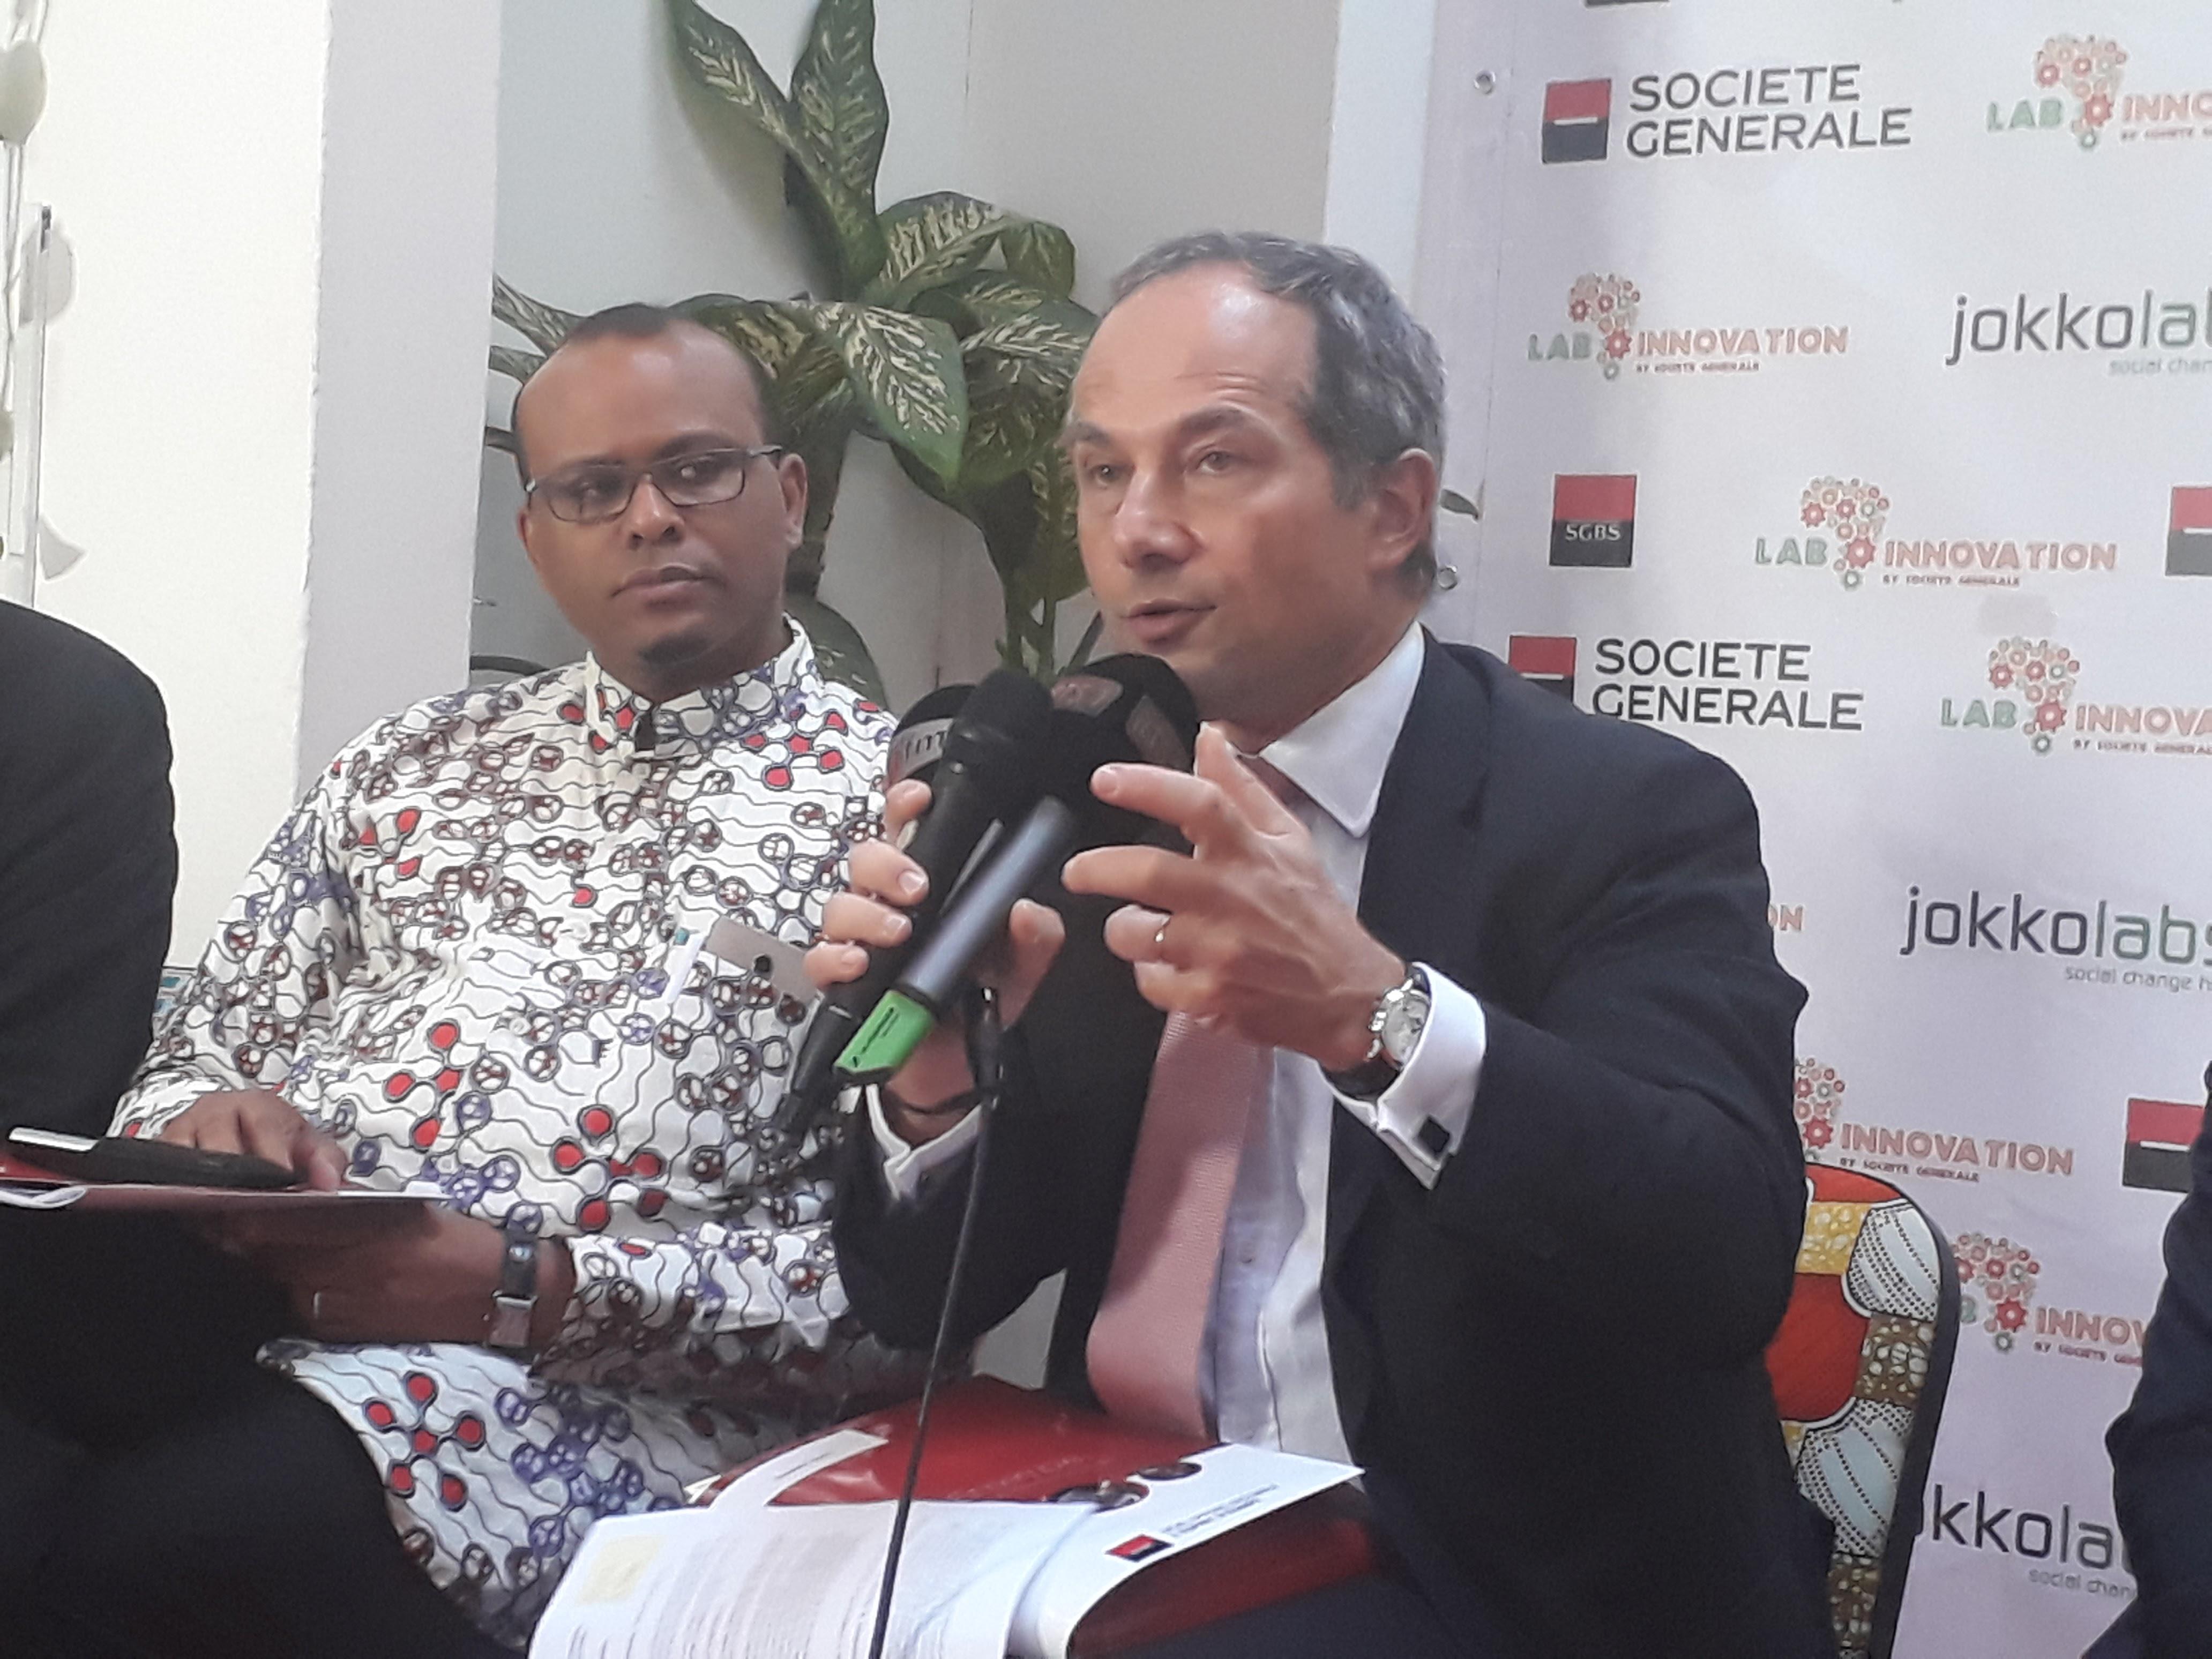 """Frédéric Oudéa, DG Société Générale : """"L'innovation est en train de prospérer en Afrique """""""